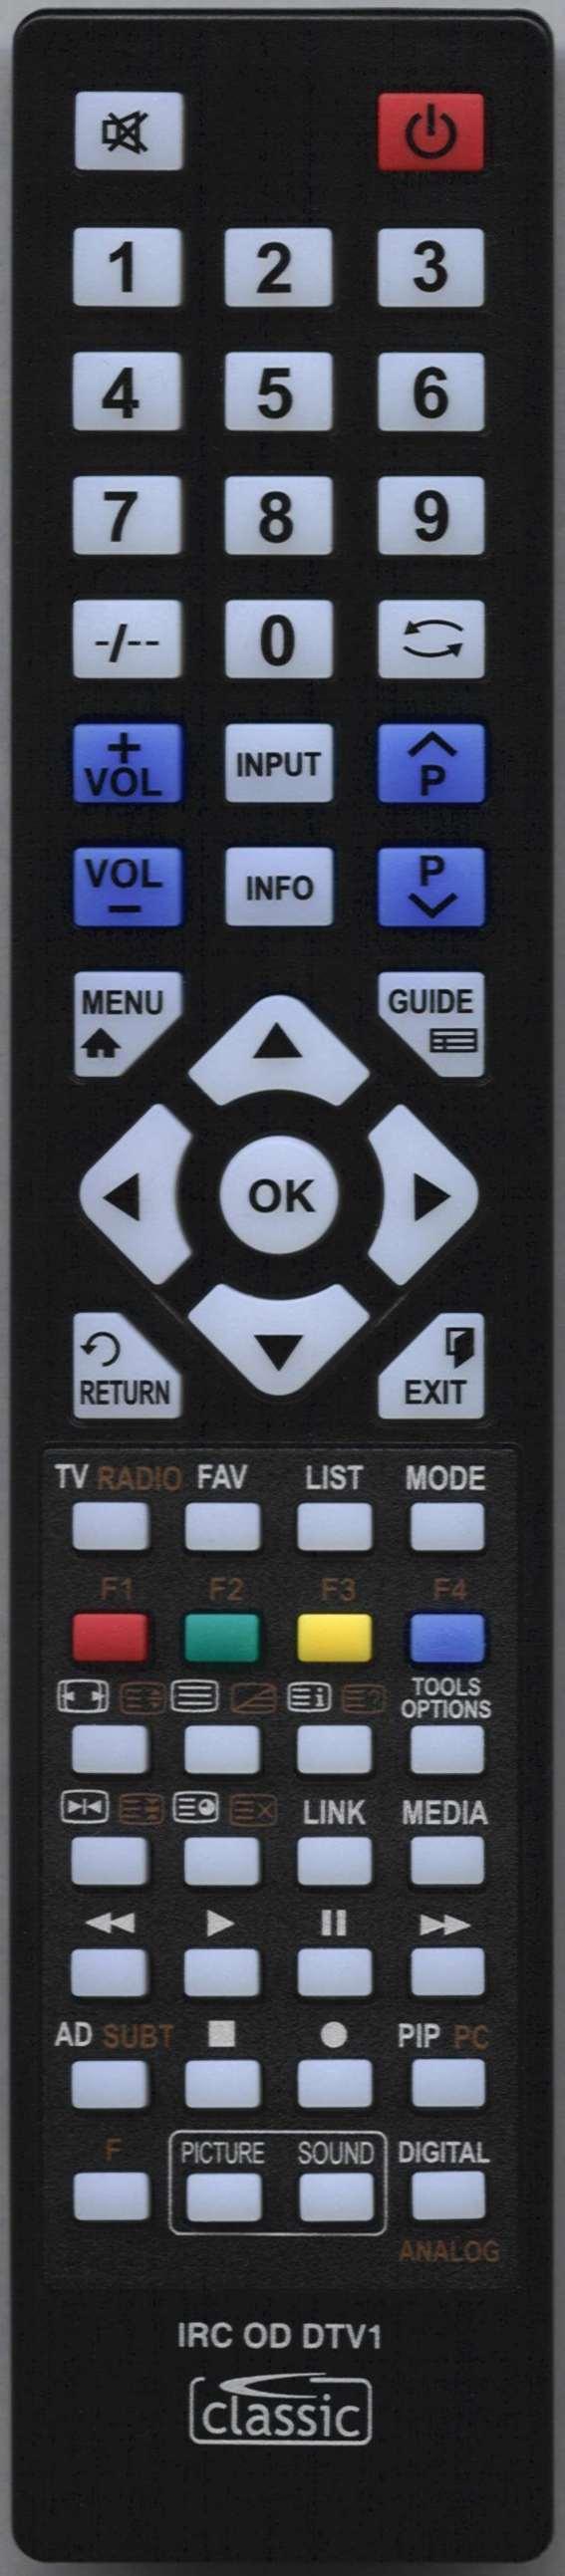 MATSUI TVR190 Remote Control